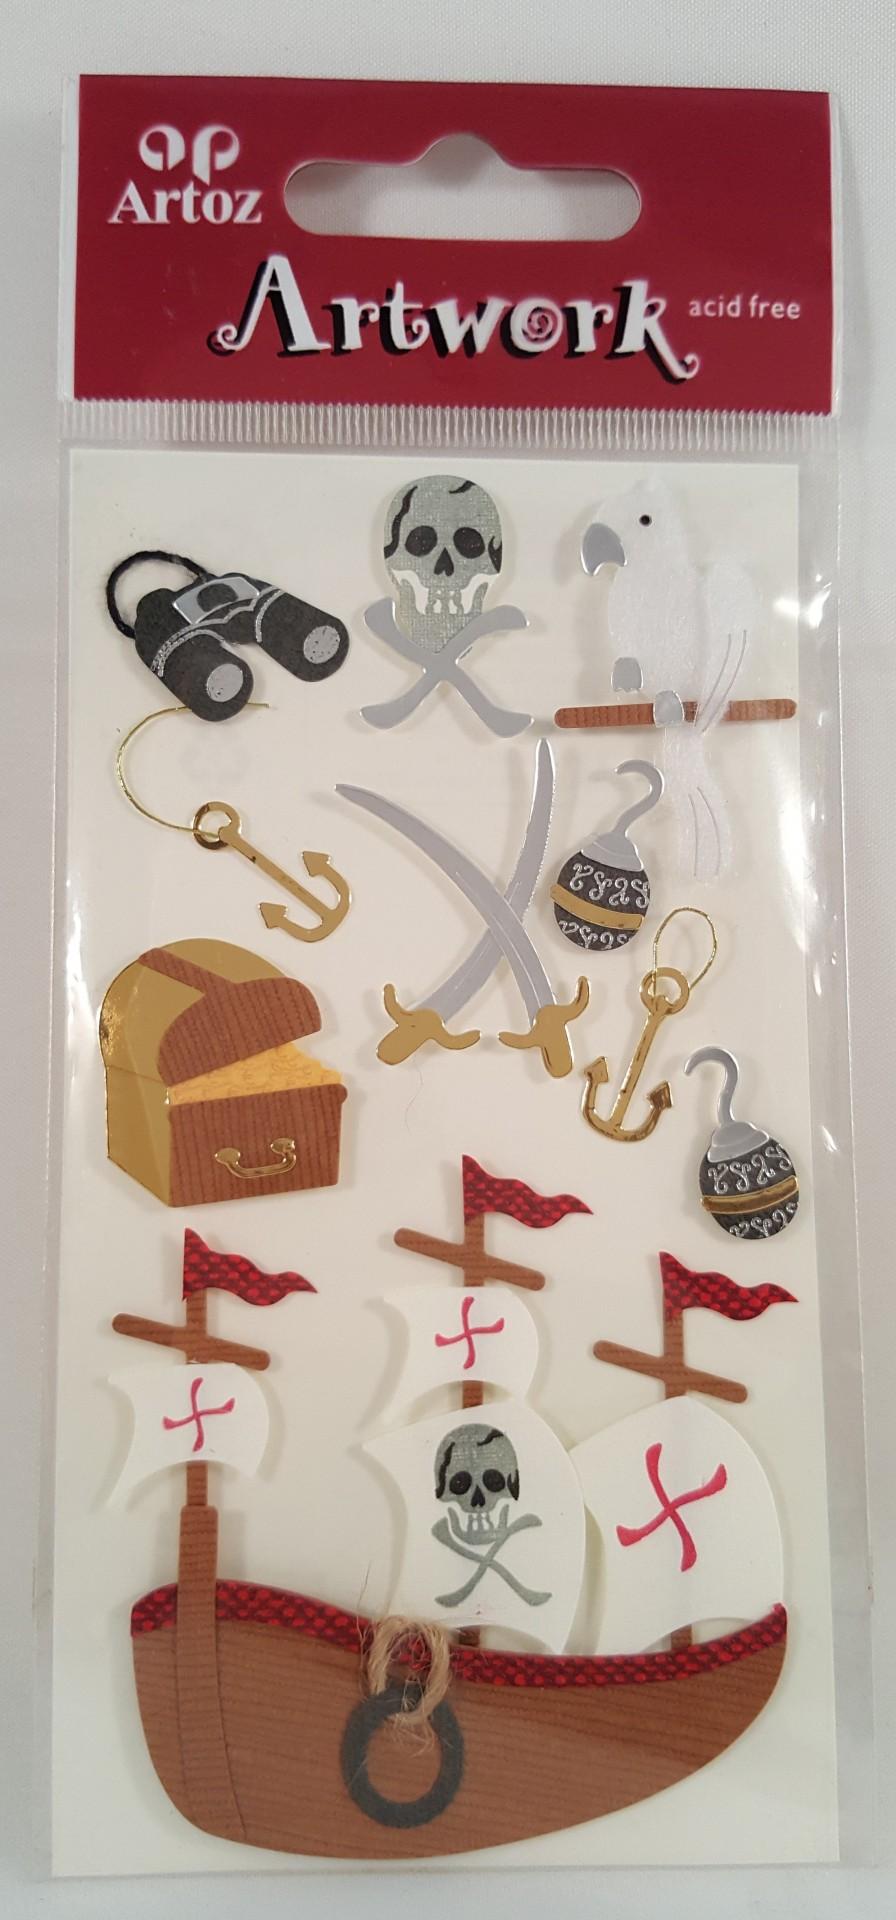 Aplicações scrapbooking - piratas -Artoz Artwork